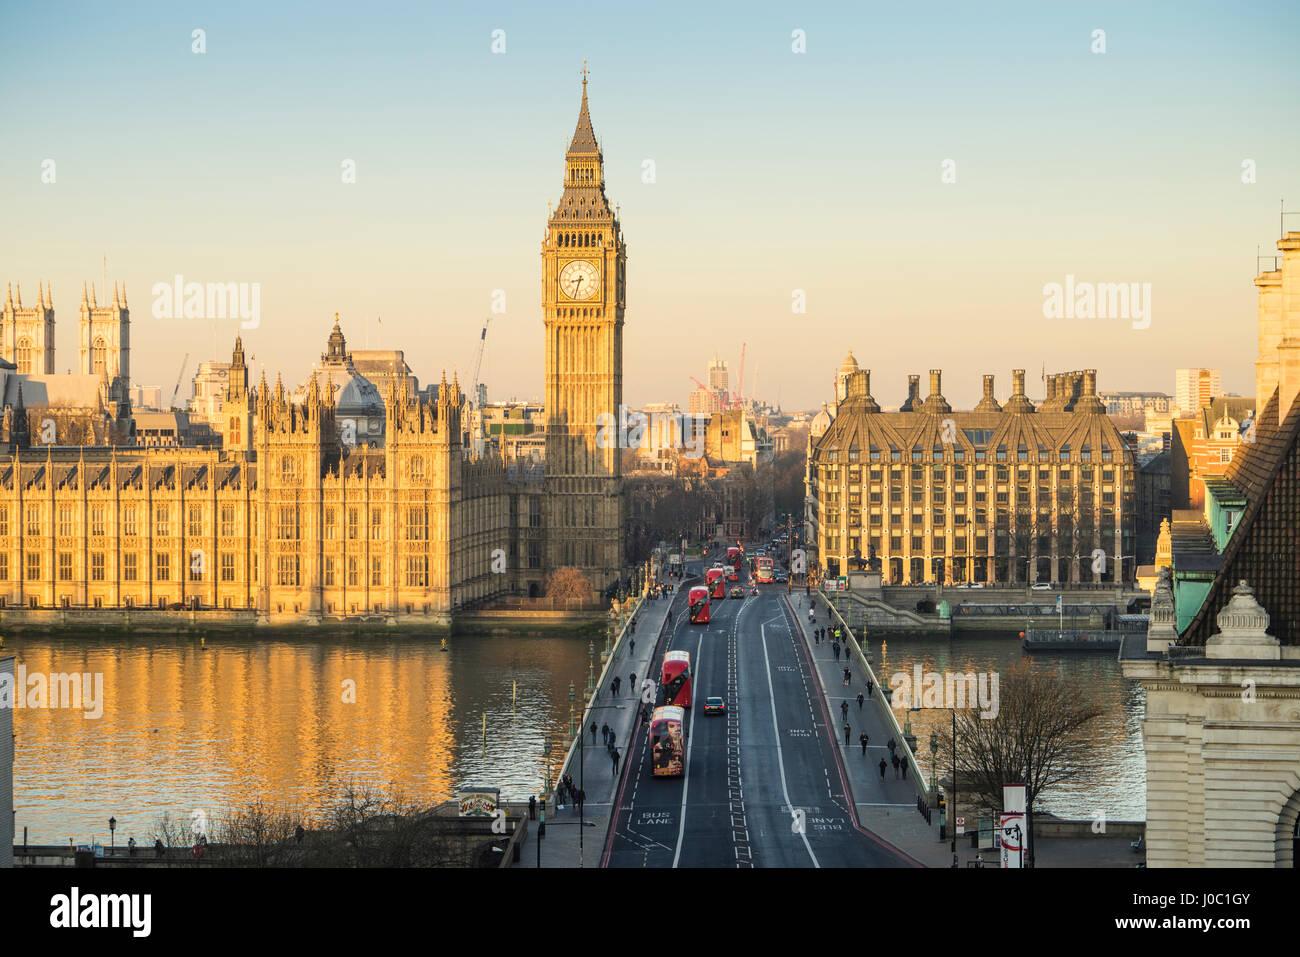 High angle view of Big Ben, le Palais de Westminster, Site du patrimoine mondial de l'UNESCO, et le pont de Photo Stock